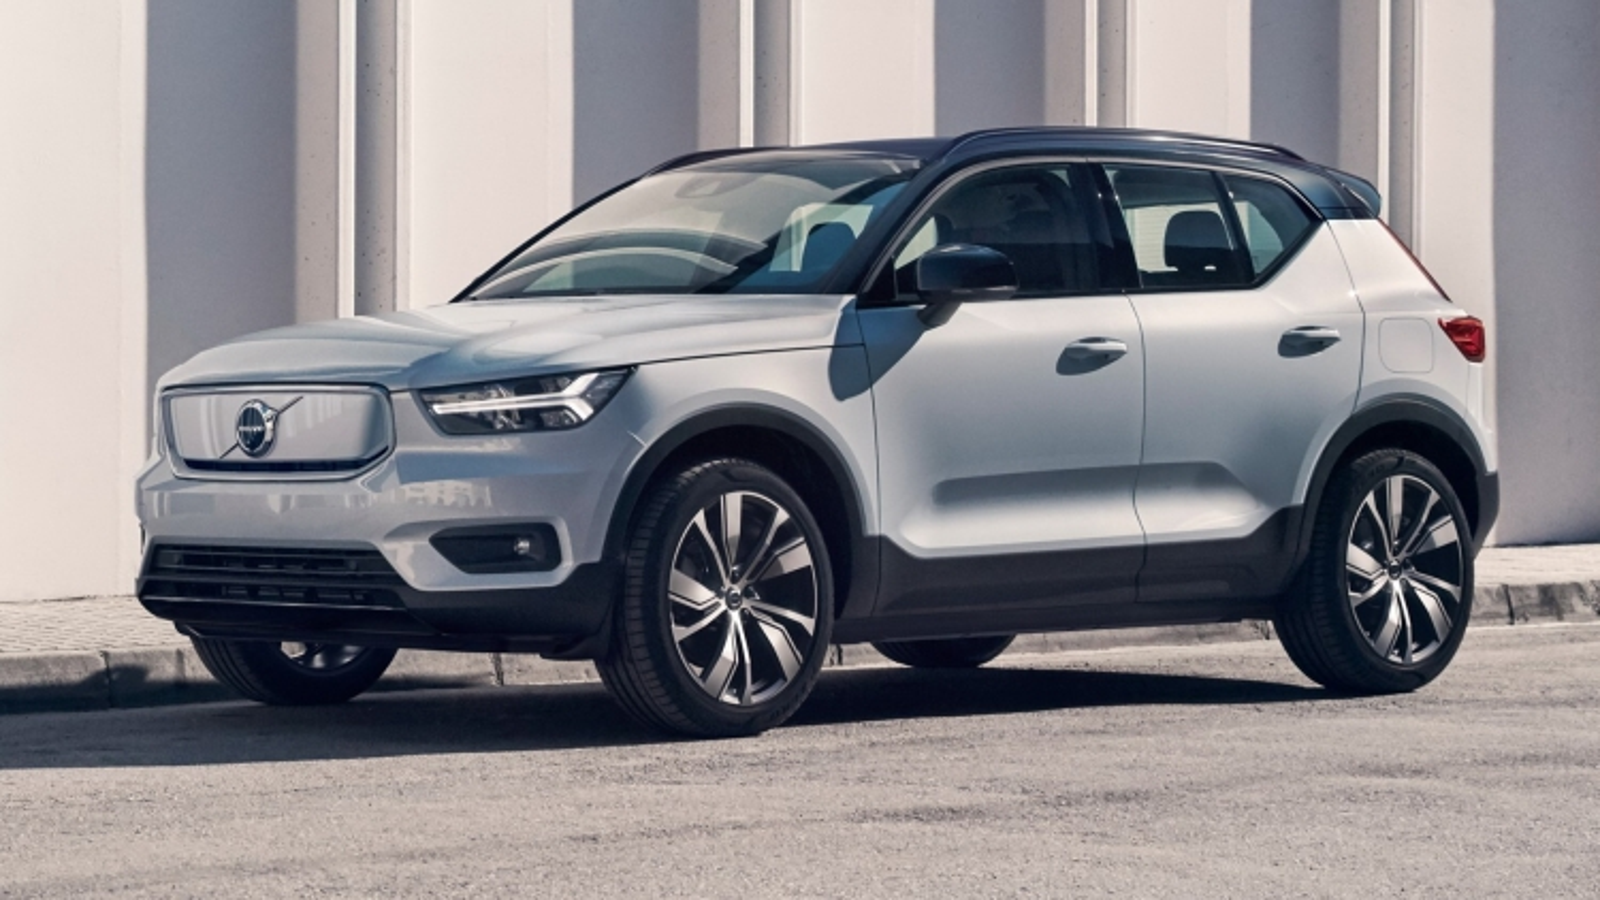 Volvo triệu hồi hơn 19.000 xe bị lỗi dây an toàn